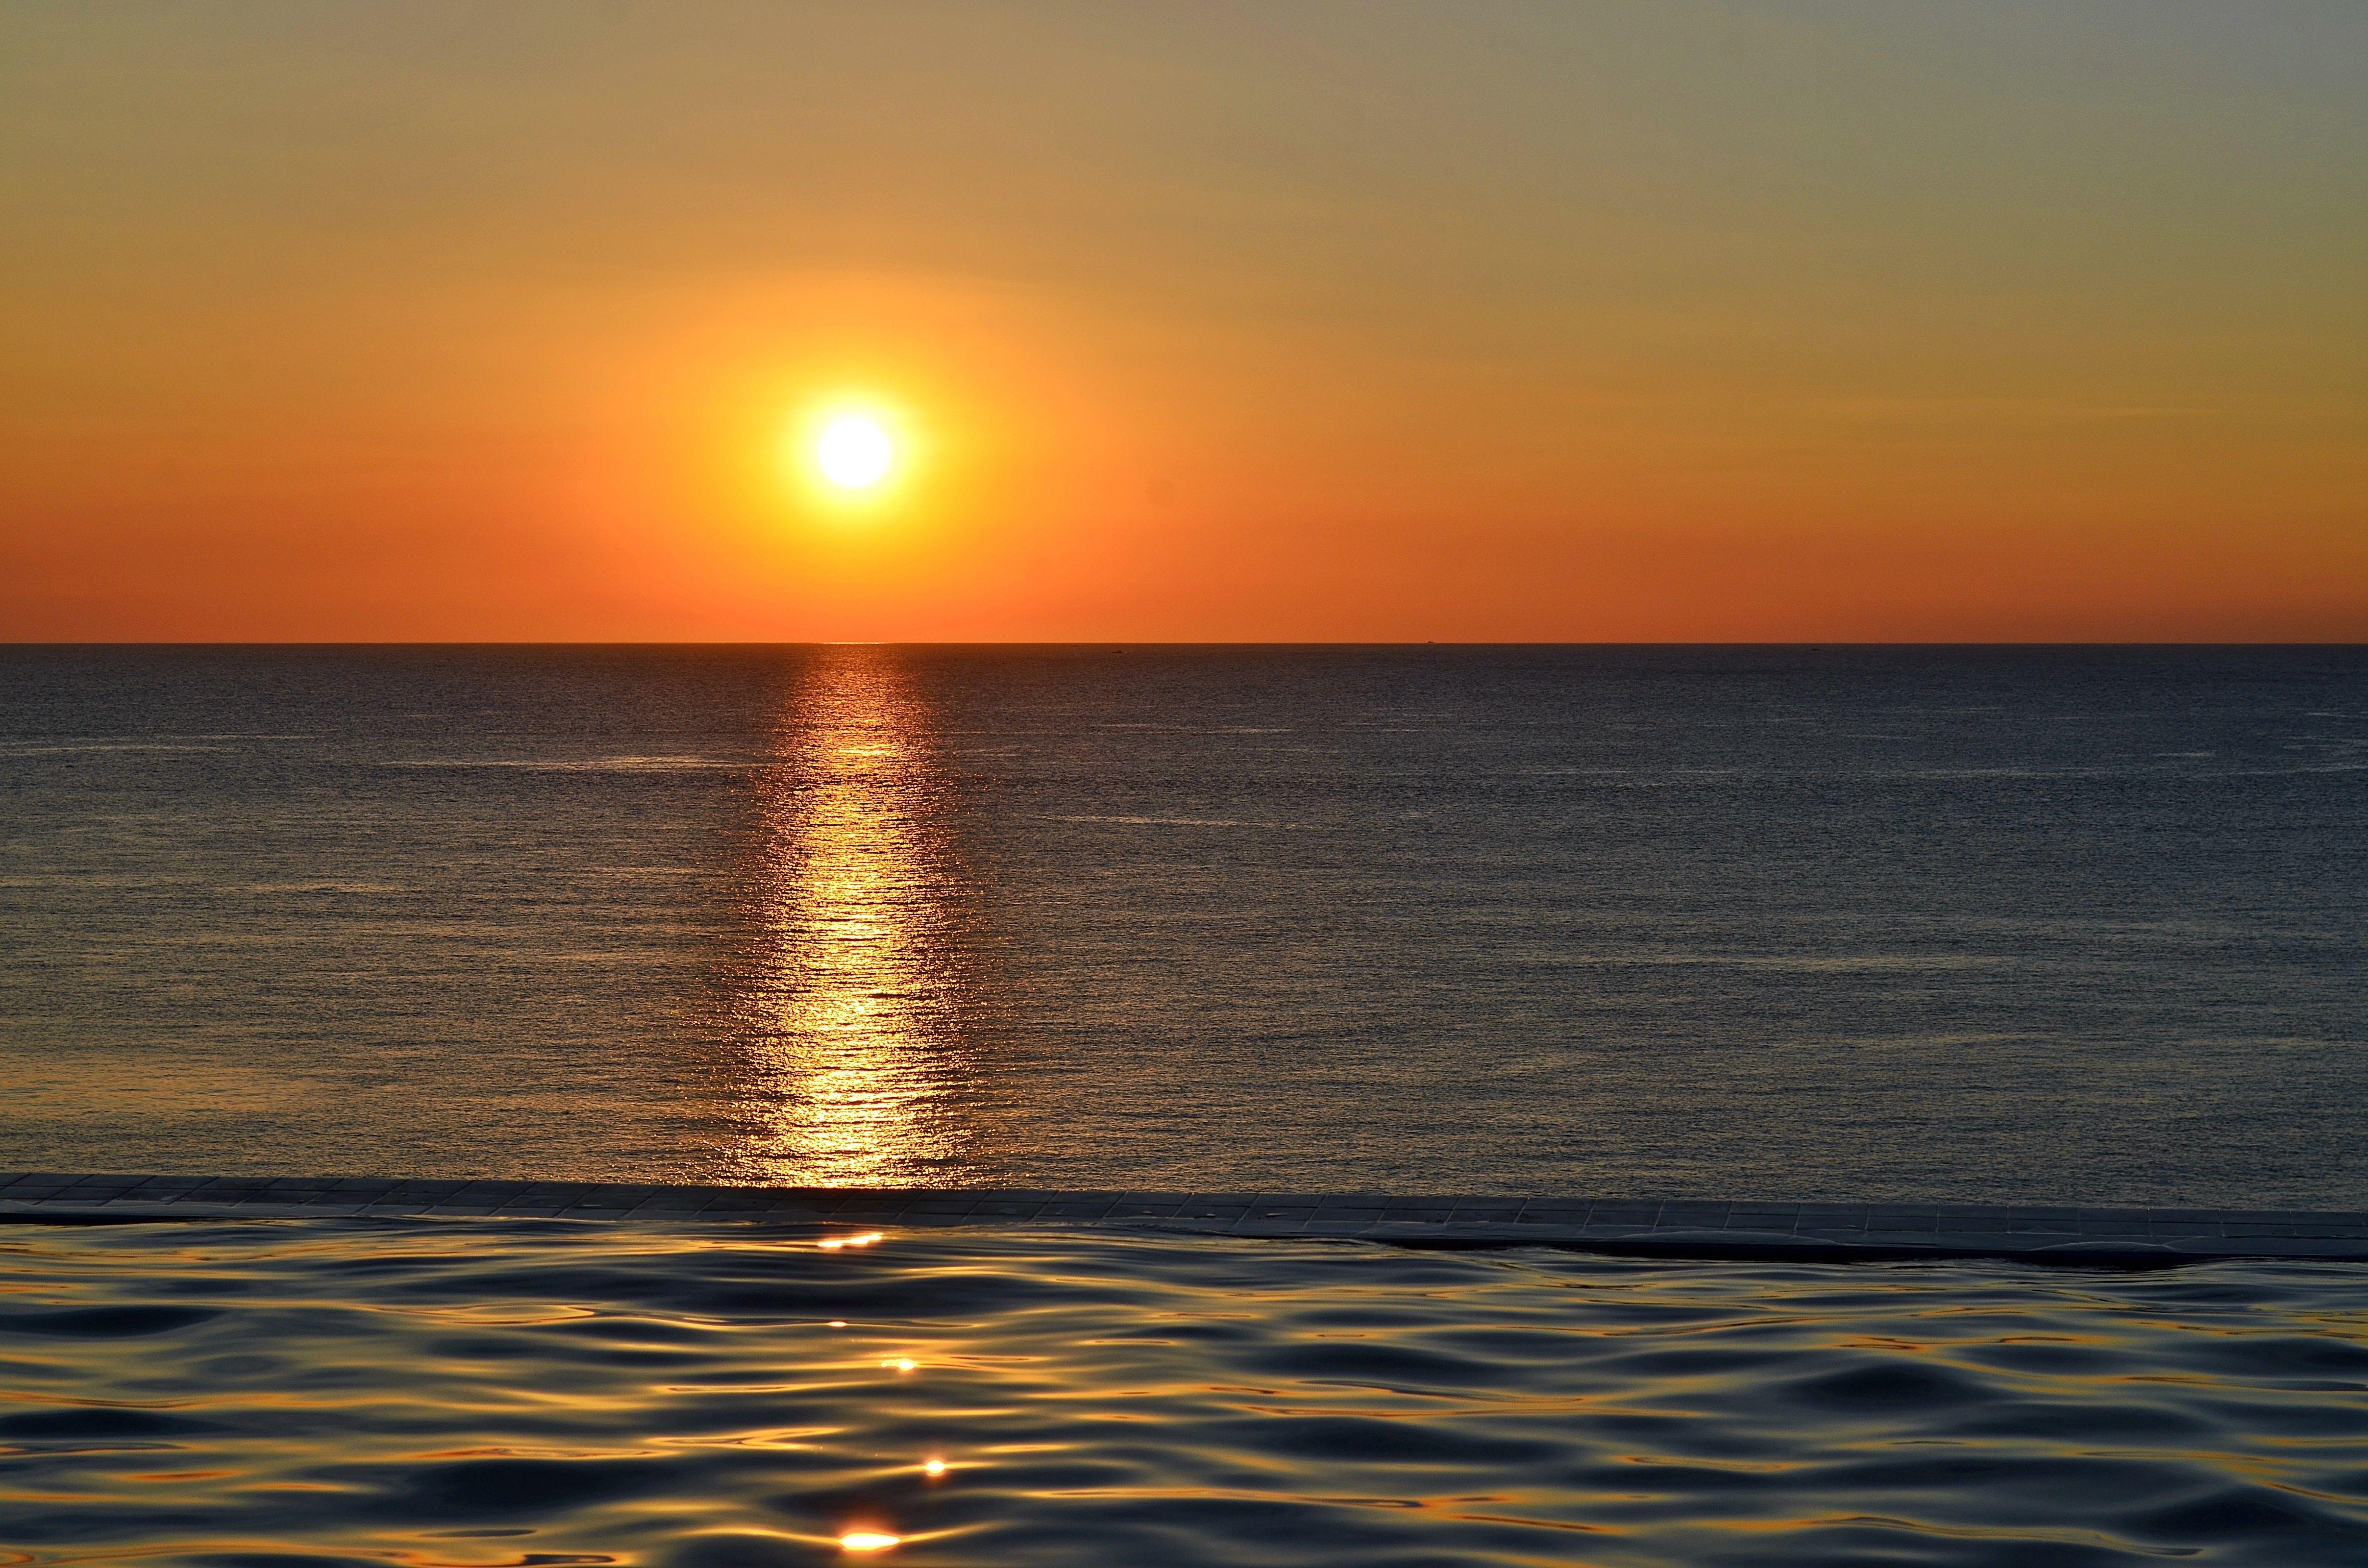 خلفيات عالية الدقة أجمل المناظر الطبيعية بالعالم لحن الحياه Sunset Photos Sunset Sea Scenery Pictures